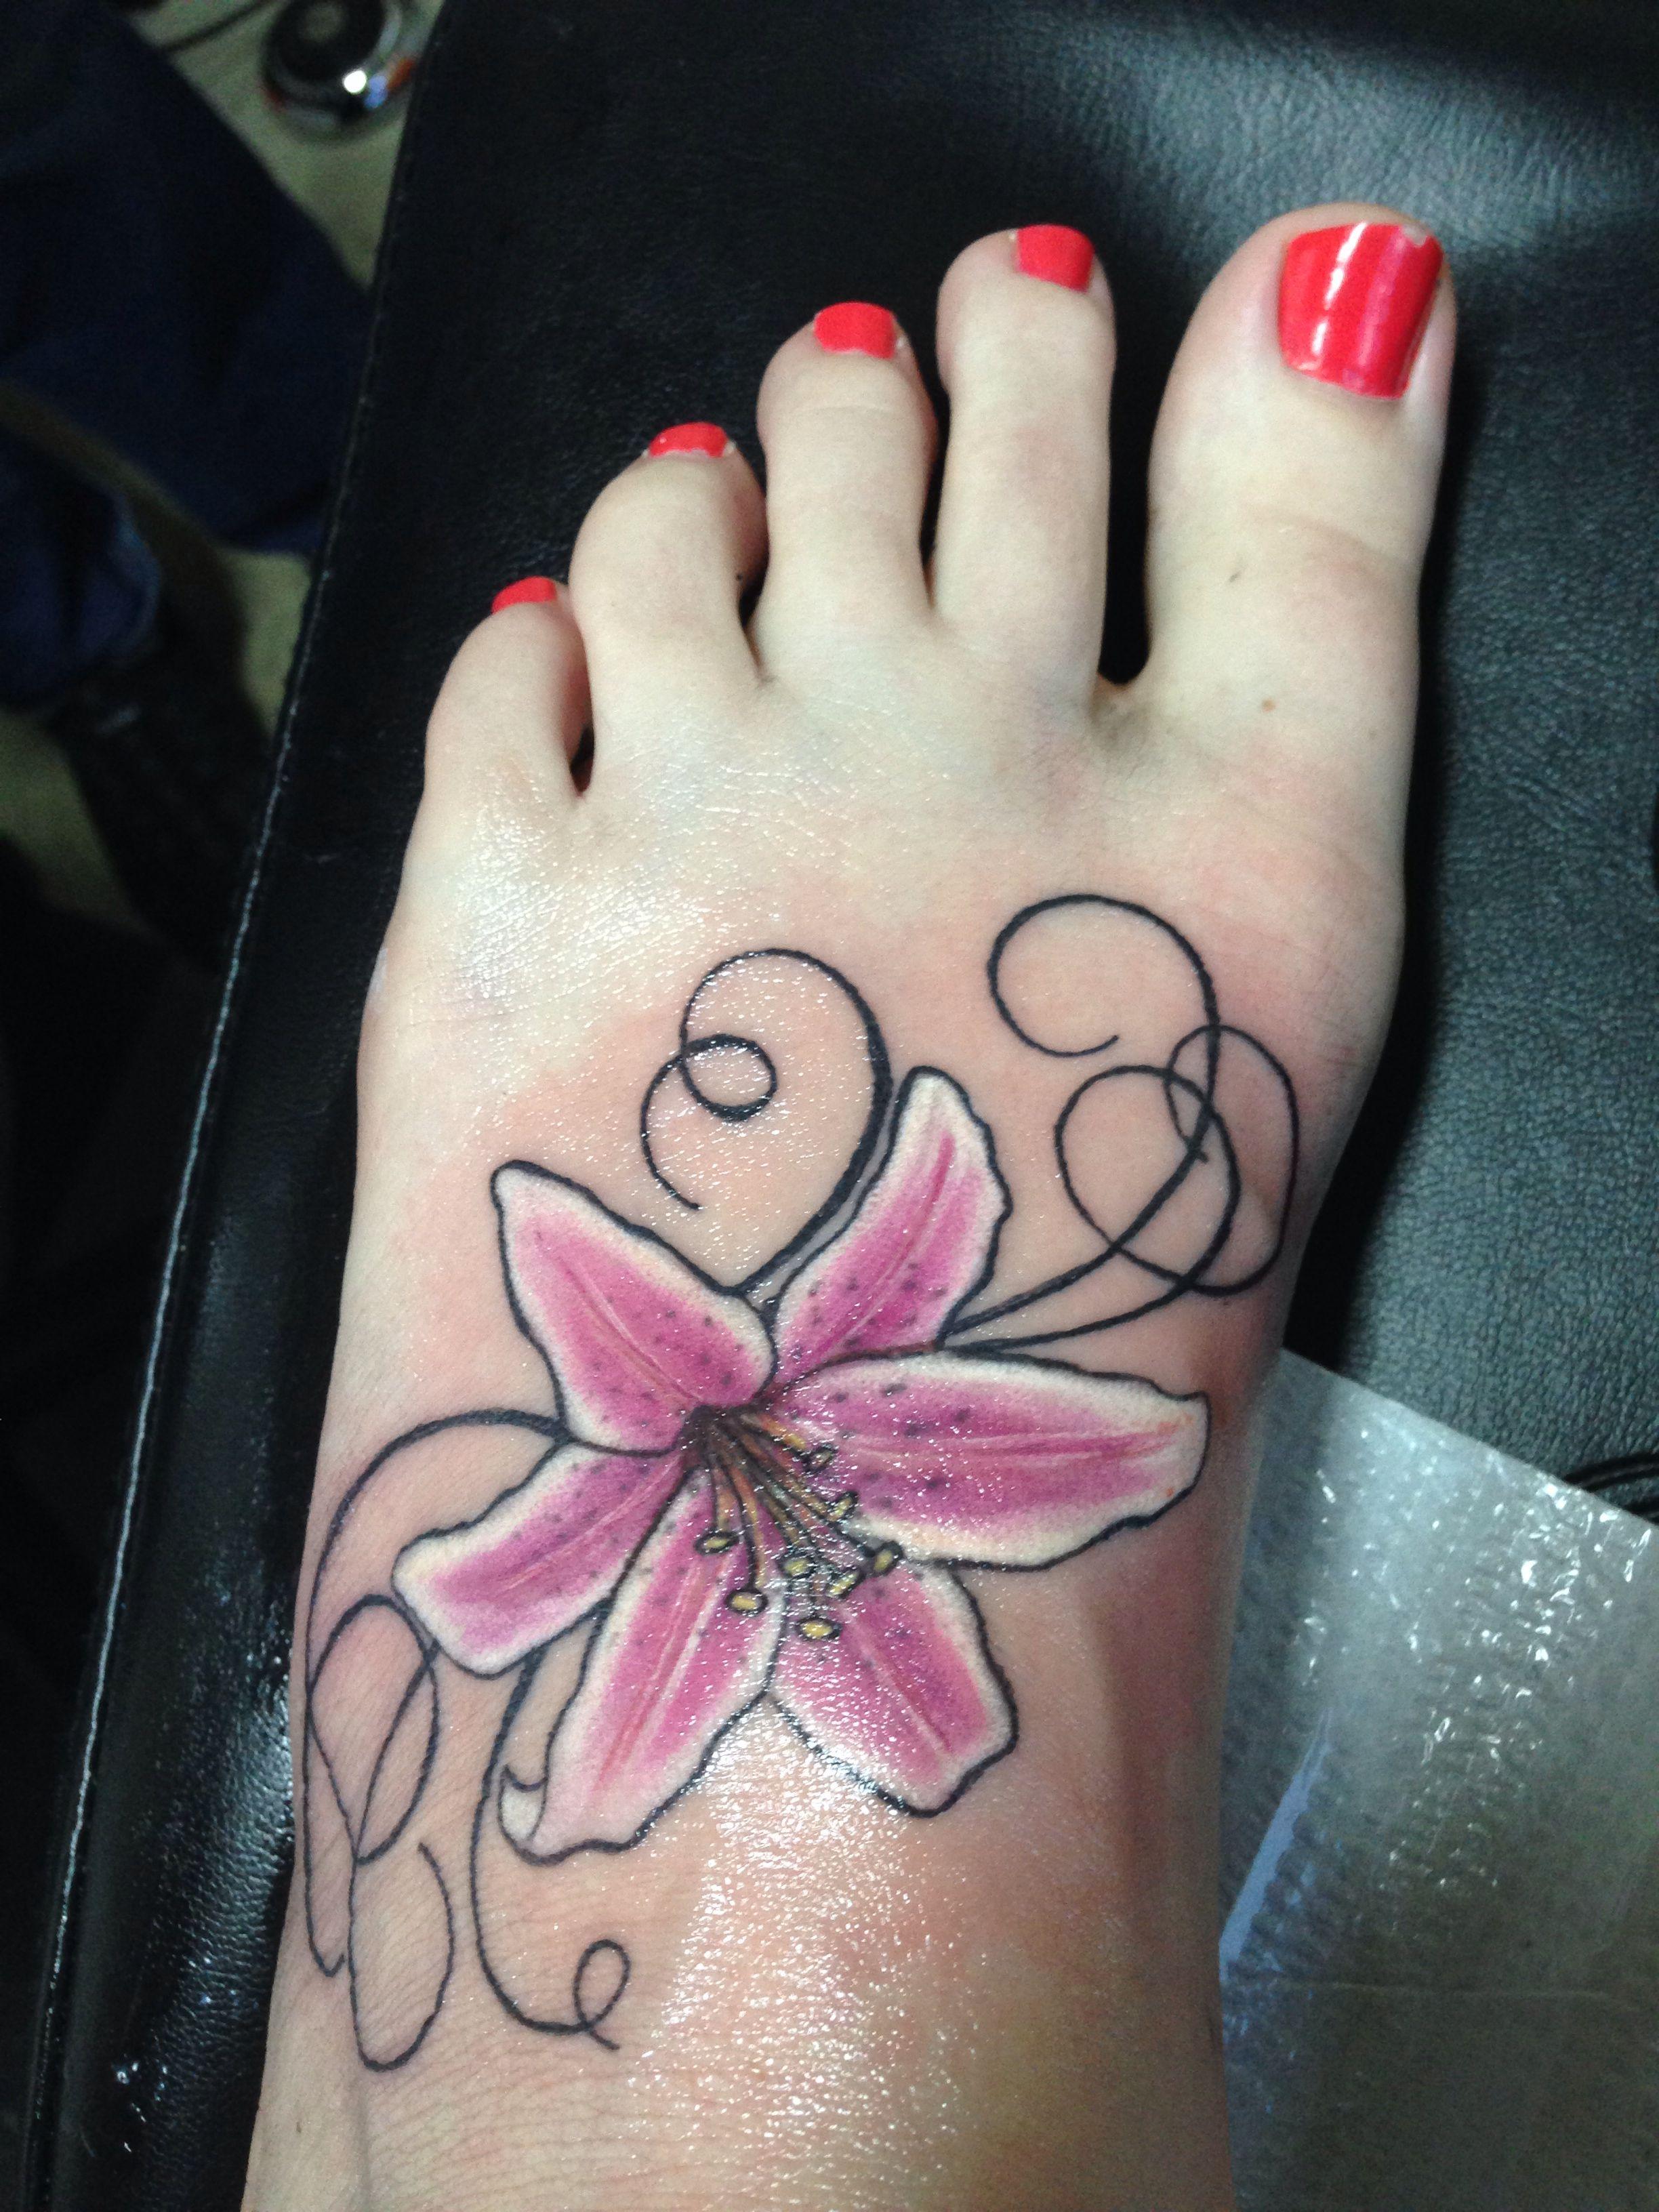 My new foot tattoo stargazer lily tattoo ideas pinterest my new foot tattoo stargazer lily izmirmasajfo